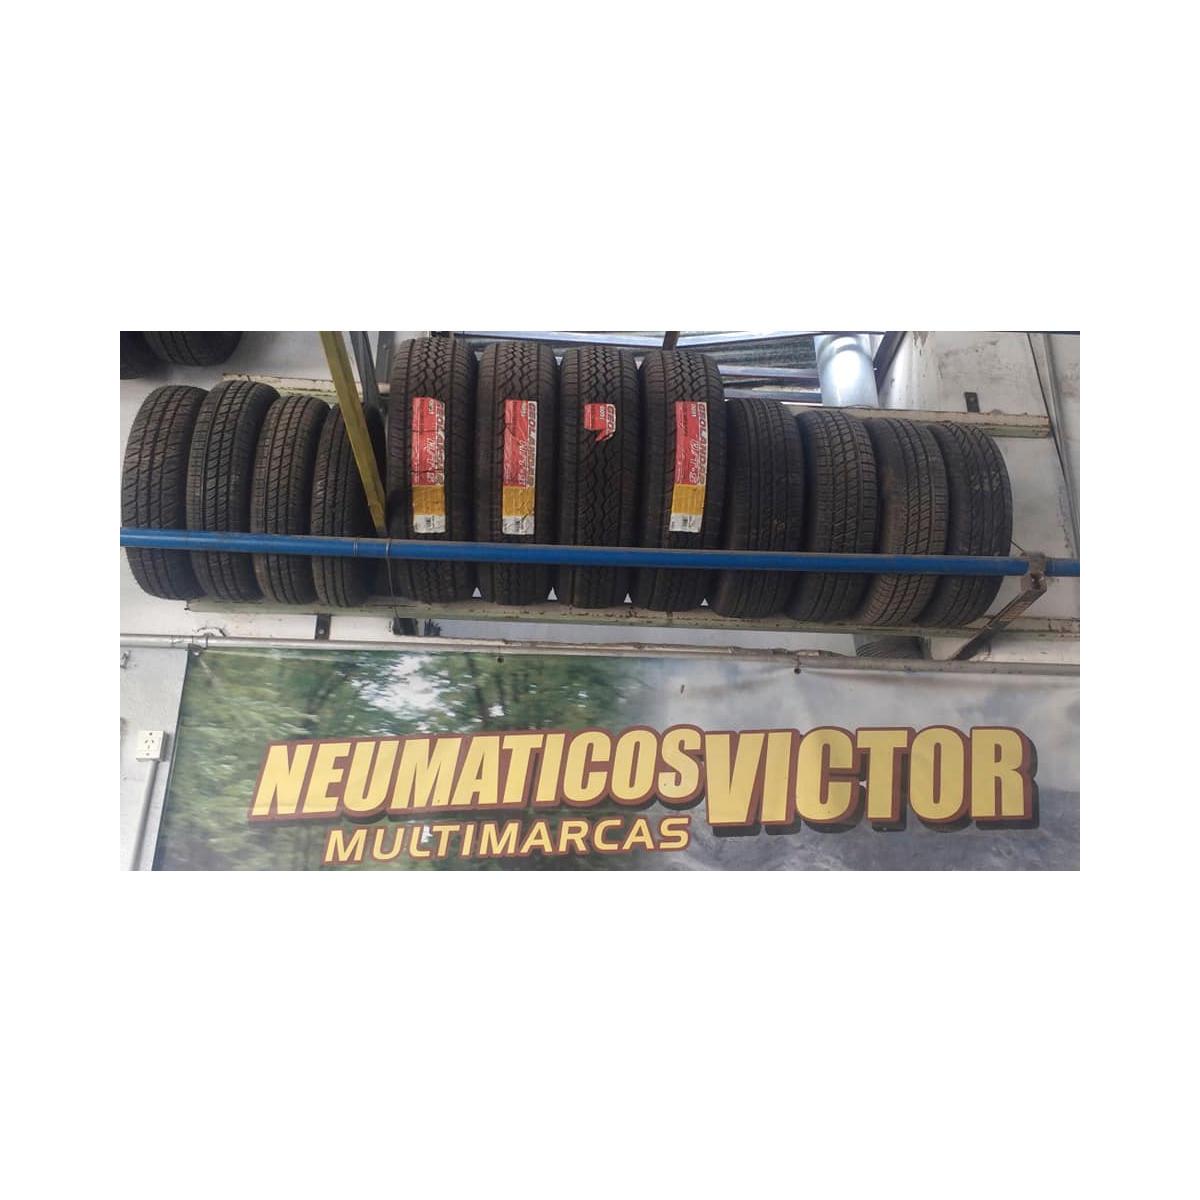 AUTOCENTRO NEUMATICOS VICTOR